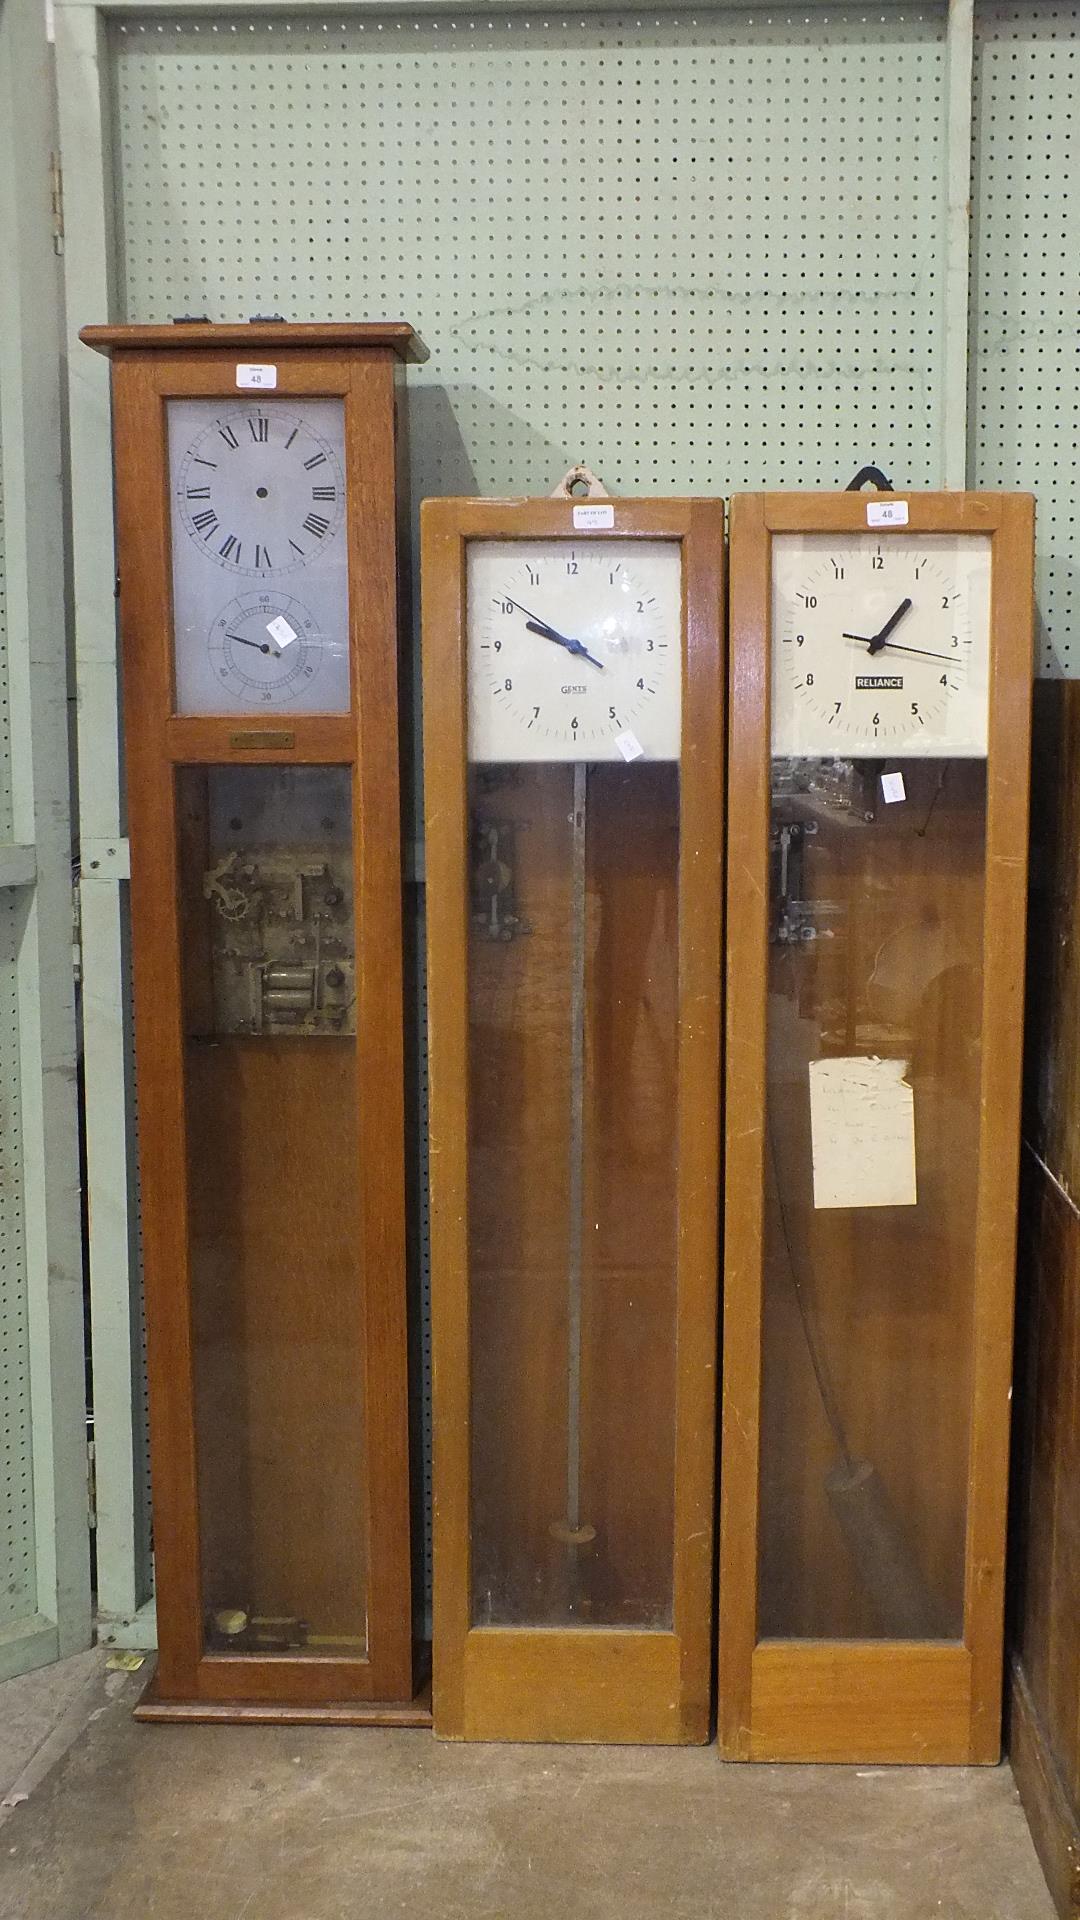 Lot 48 - A Gents electric master clock, 168cm high, a similar electric master clock with 'Reliance' on